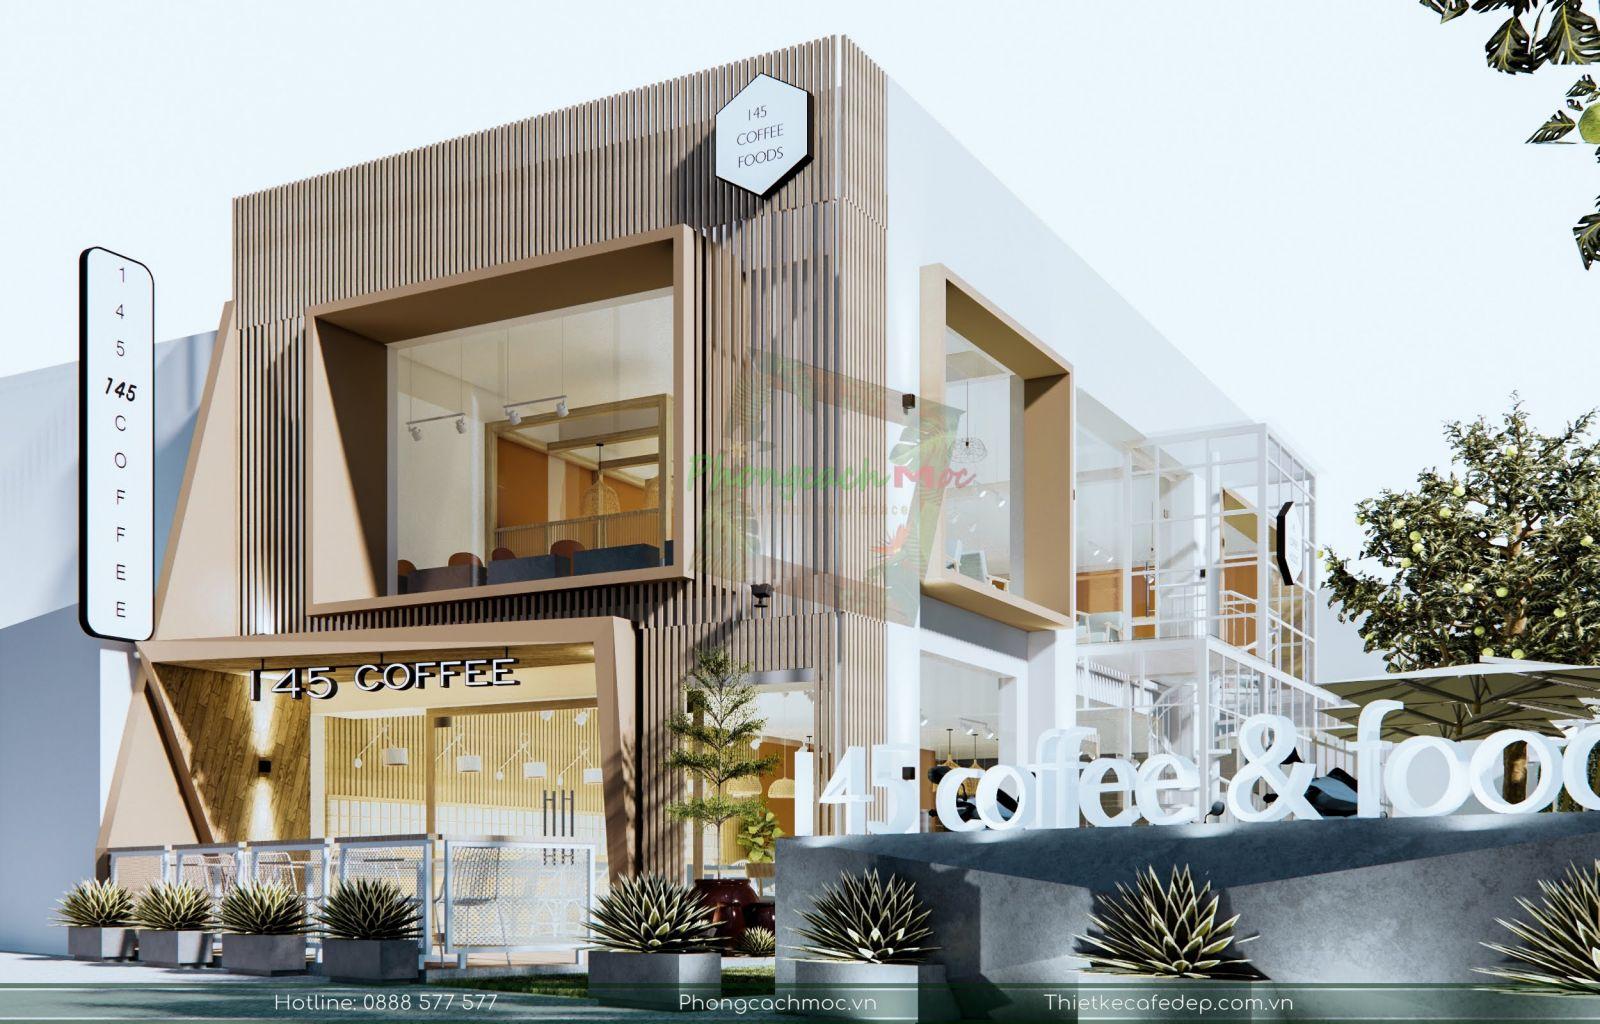 thiet-ke-quan-cafe-145-coffee-binh-duong